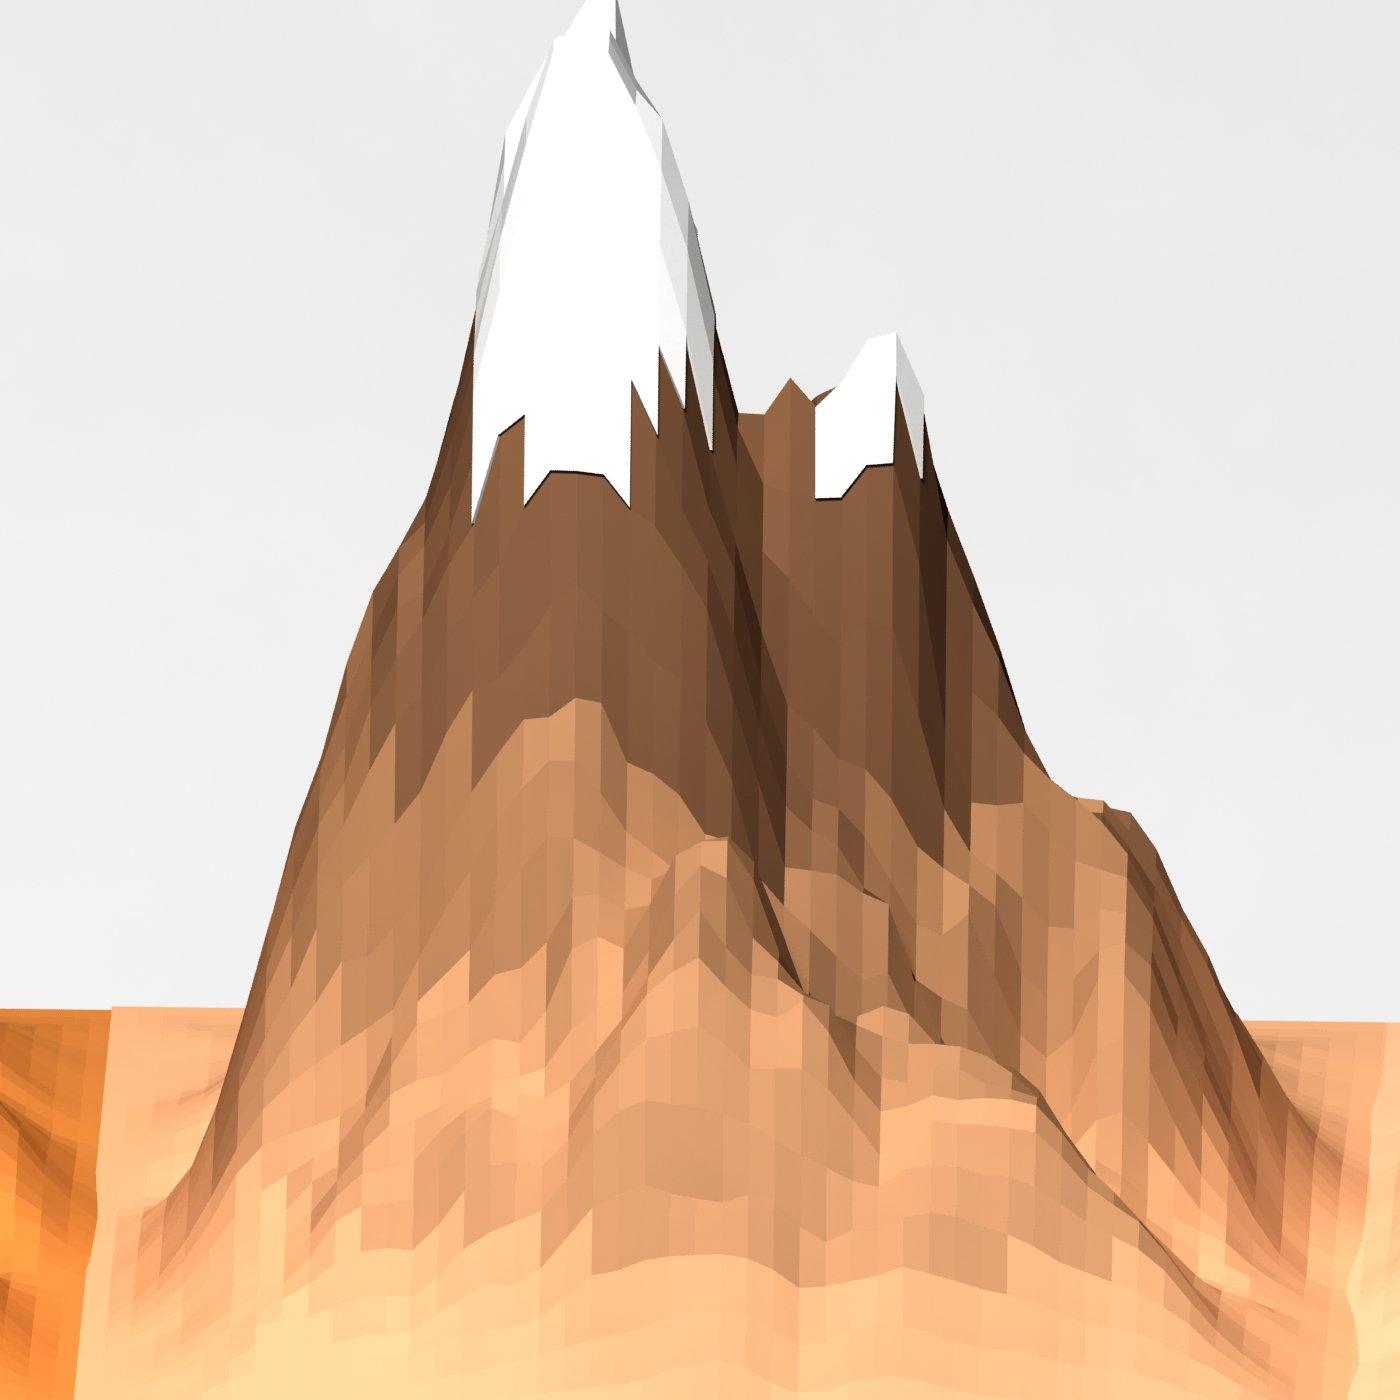 Картинки горы для детей, сургуте